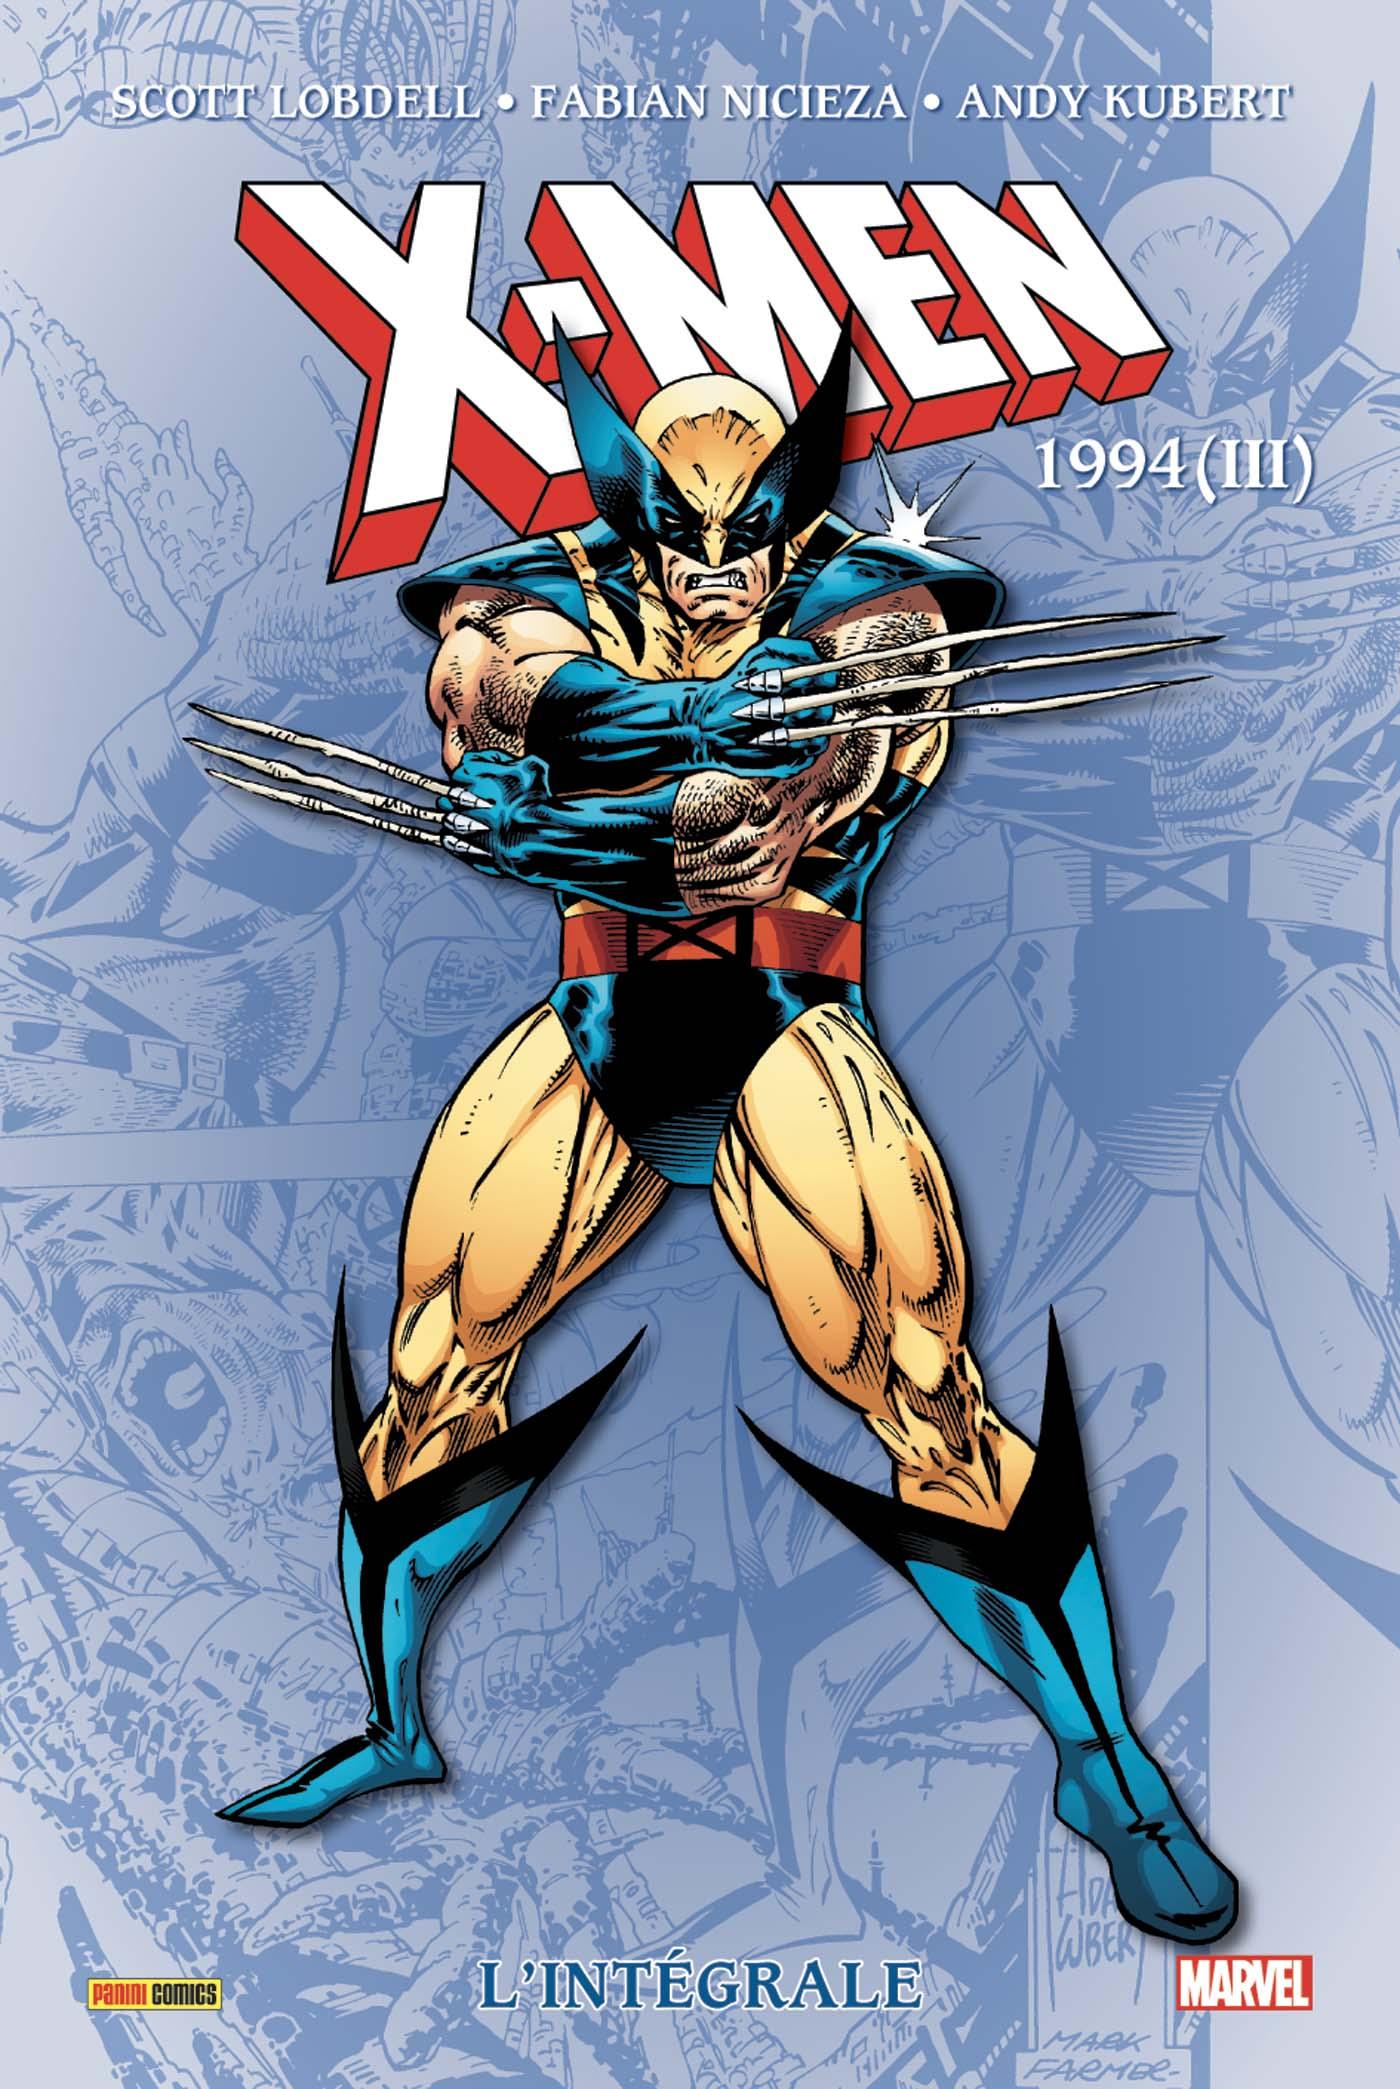 X-Men 1994.3 - 1994 (III)